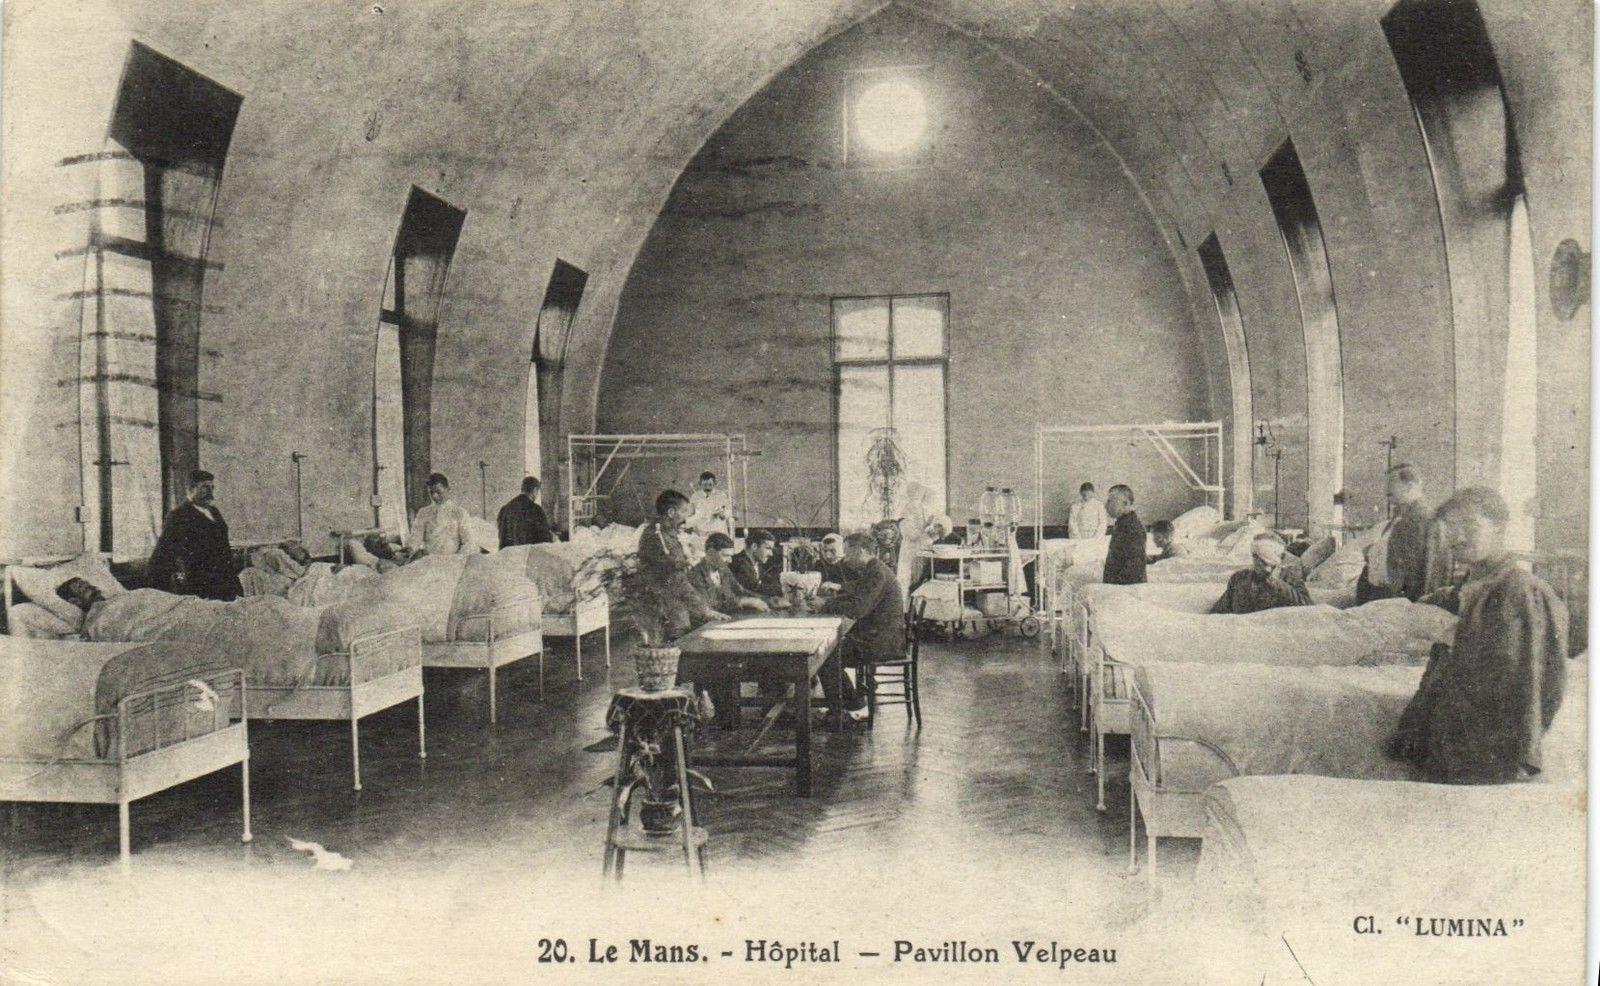 Le Mans - Hôpital - Pavillon Velpeau